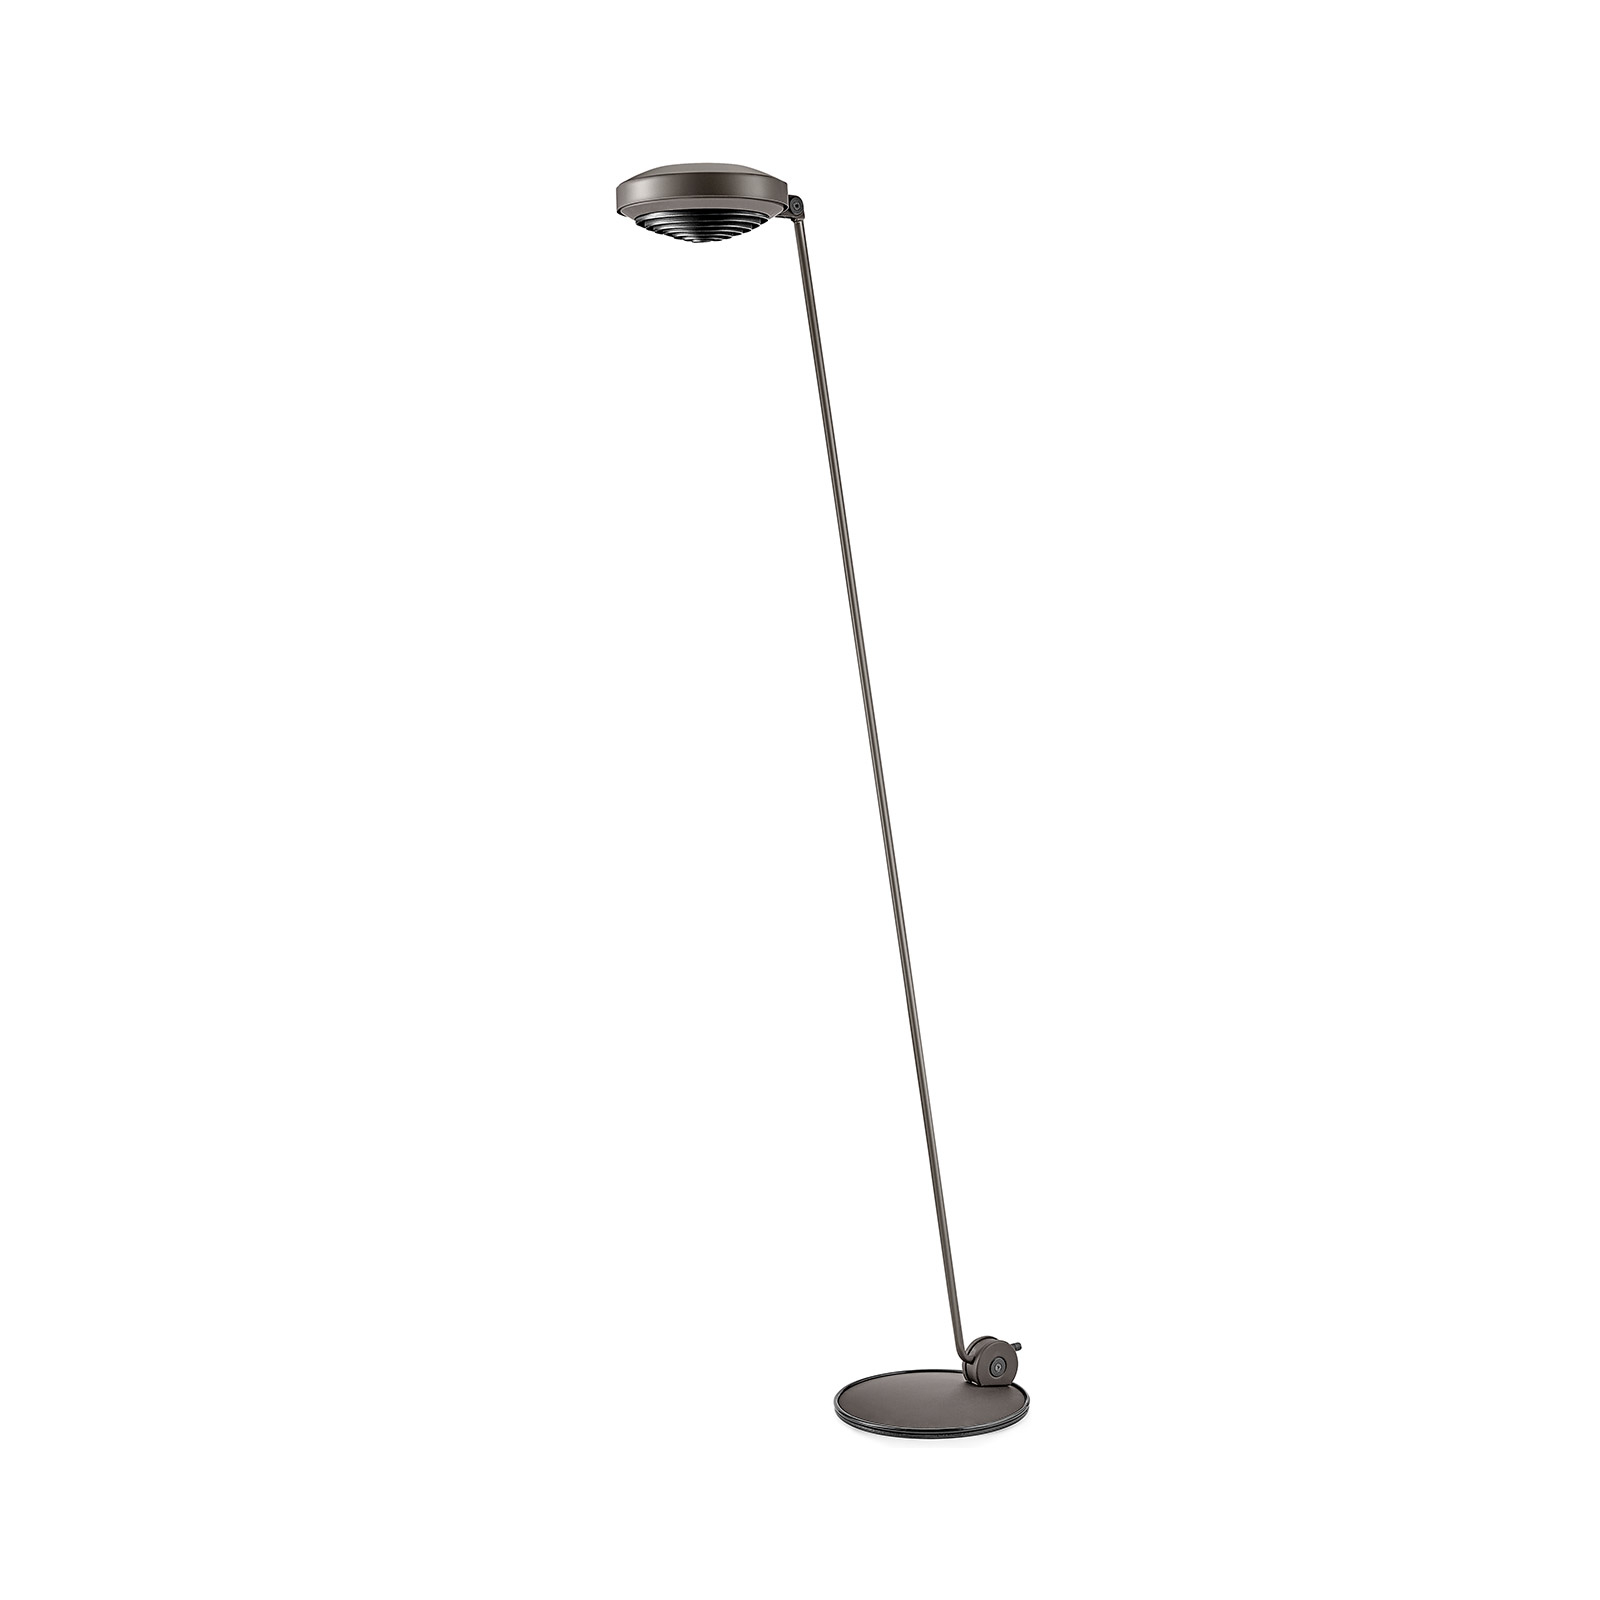 Lumina Elle 1 LED-Stehlampe H 180cm 3.000K bronze